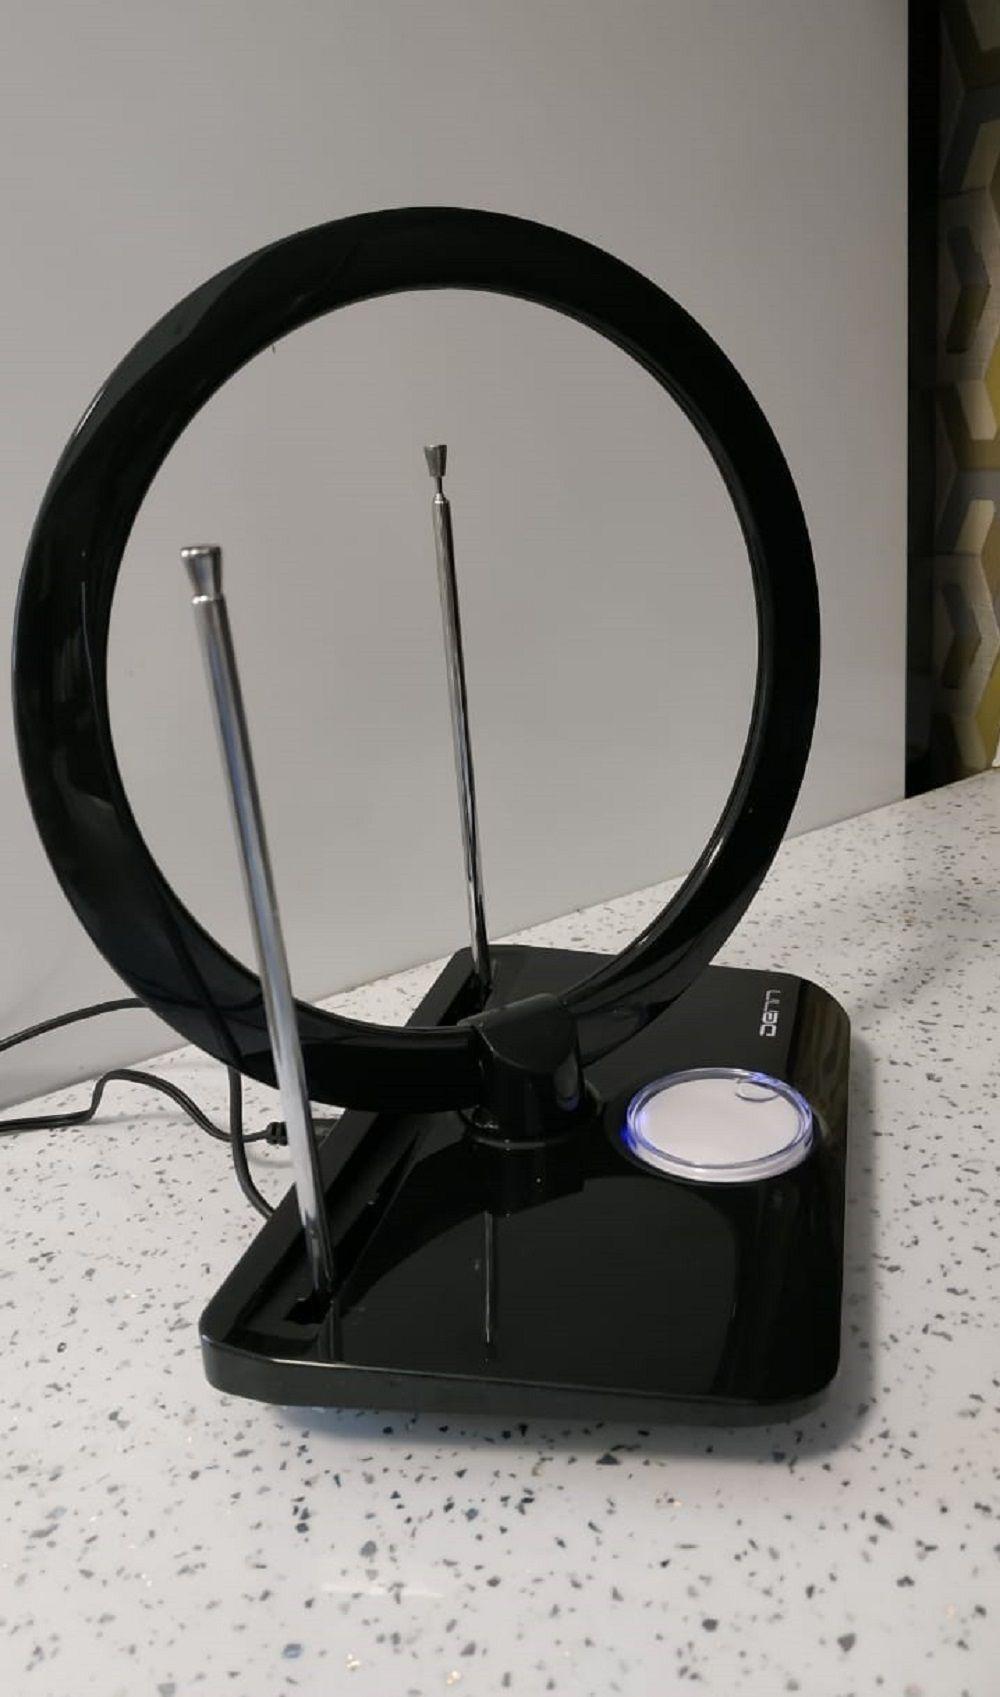 Обзор на комнатную антенну Denn DAA238